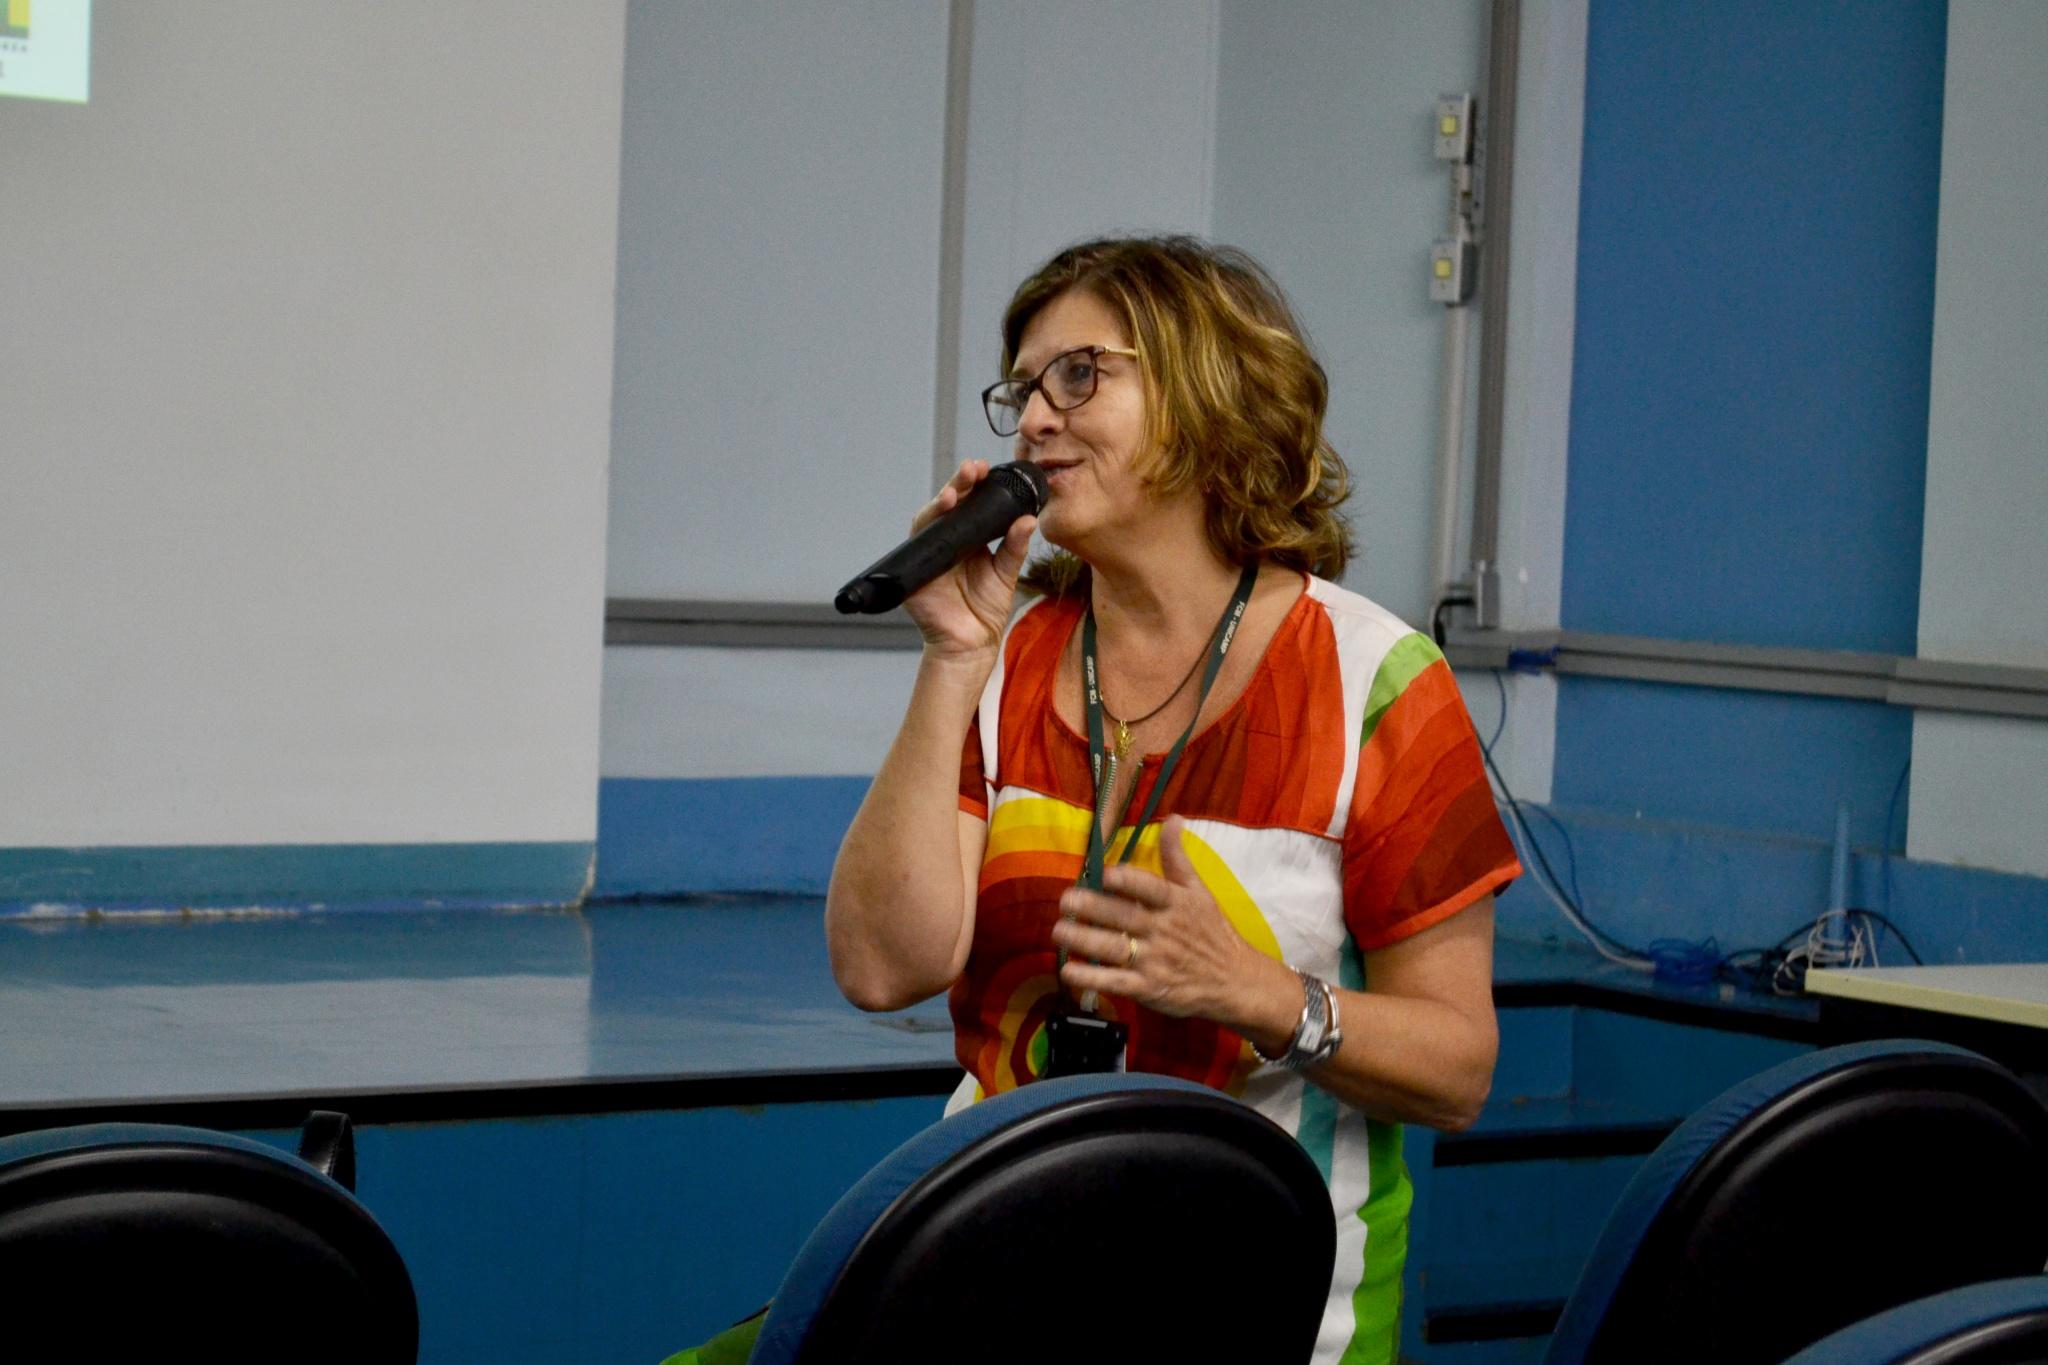 Rosana Teresa Onocko Campos, coordenadora da Comissão de Pós-Graduação da FCM, dá boas-vindas aos participantes/Foto: Camila Delmondes - ARPI - FCM/Unicamp